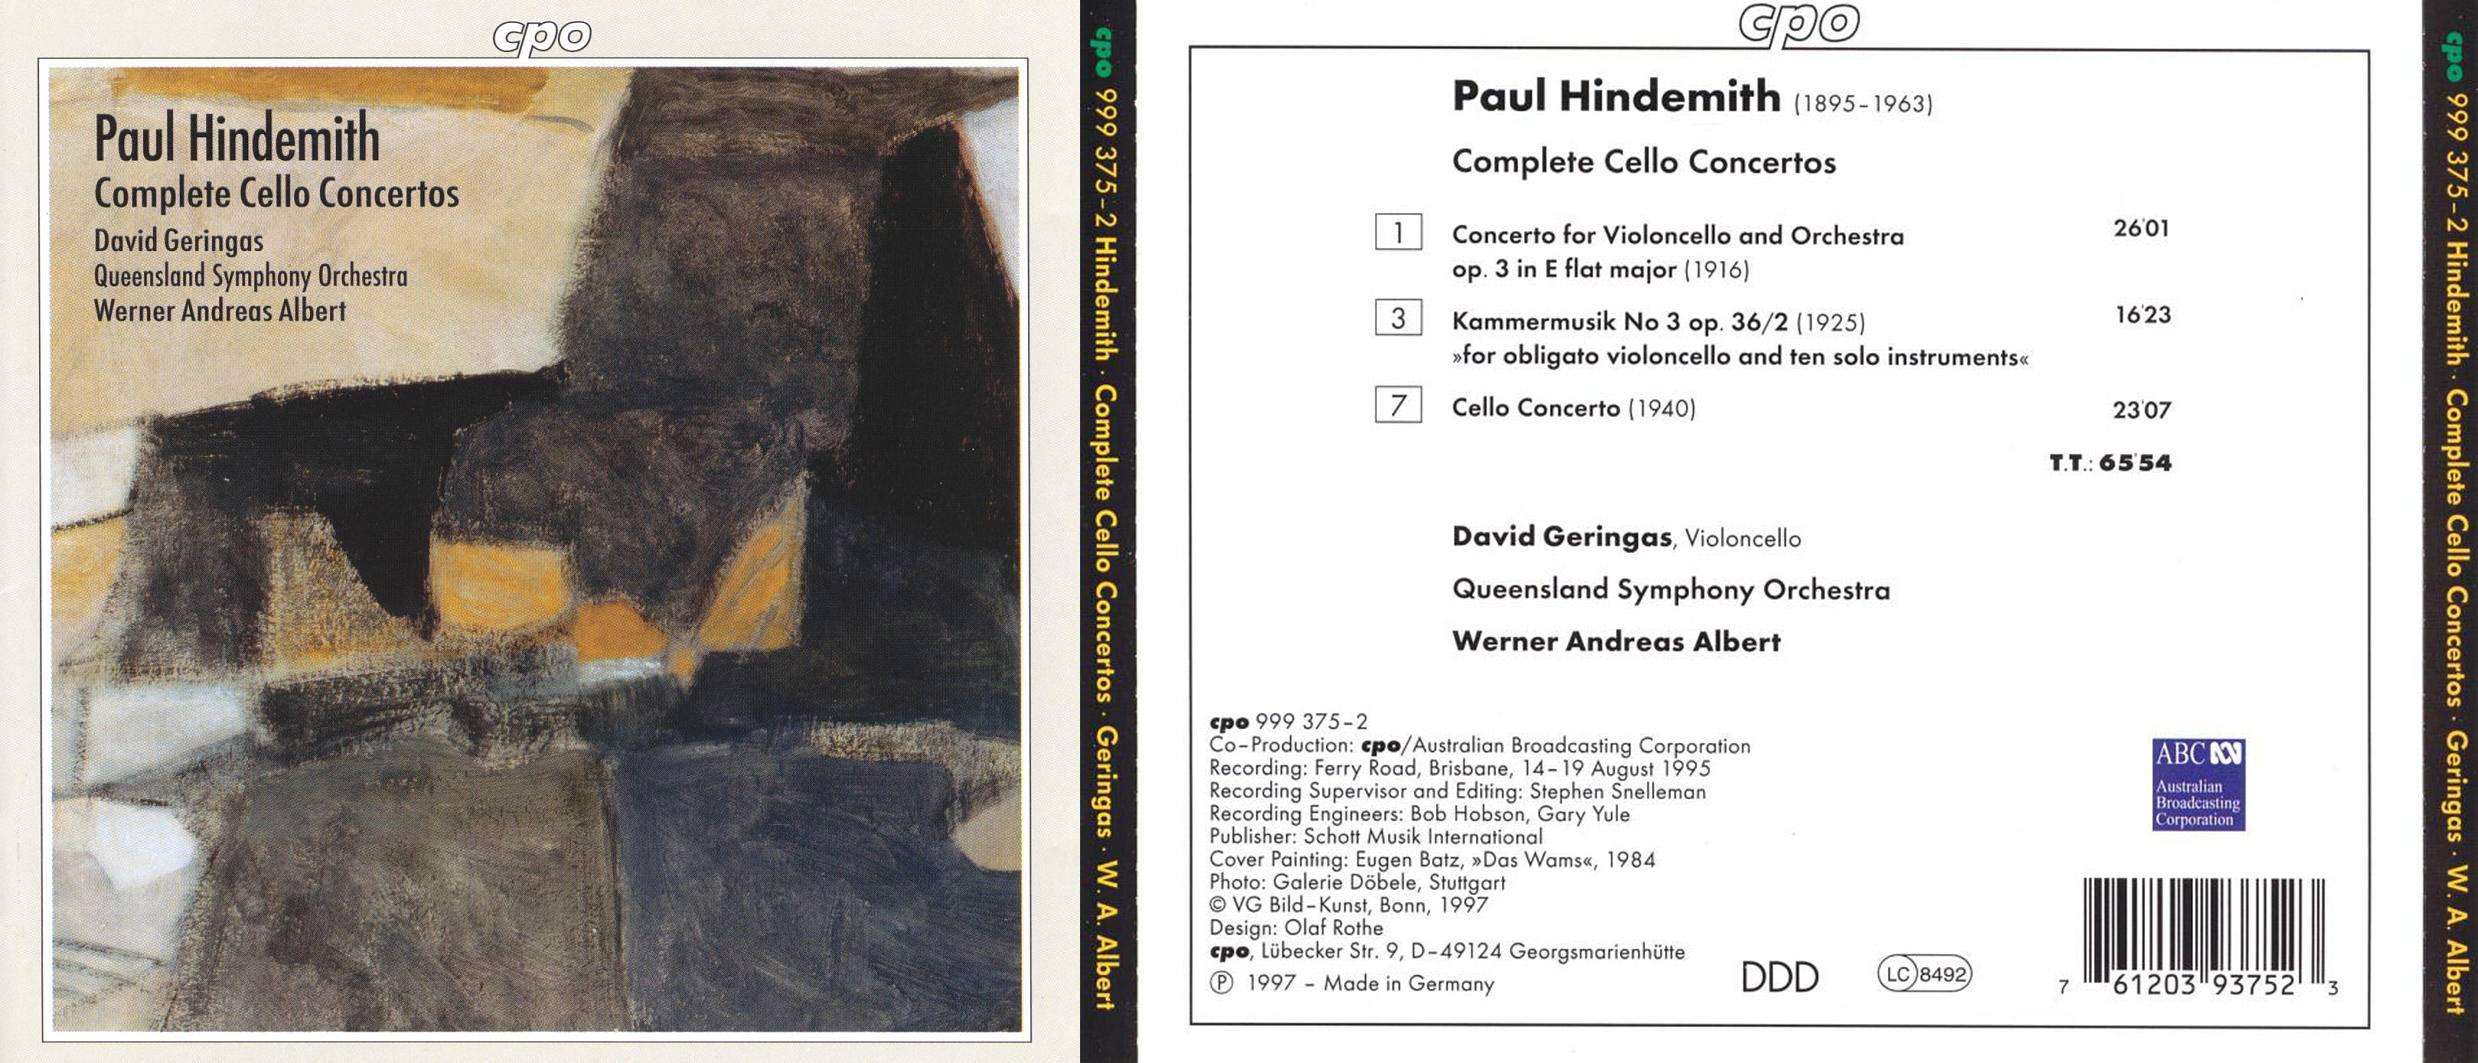 ALLMUSIC | Hindemith: Complete Cello Concertos